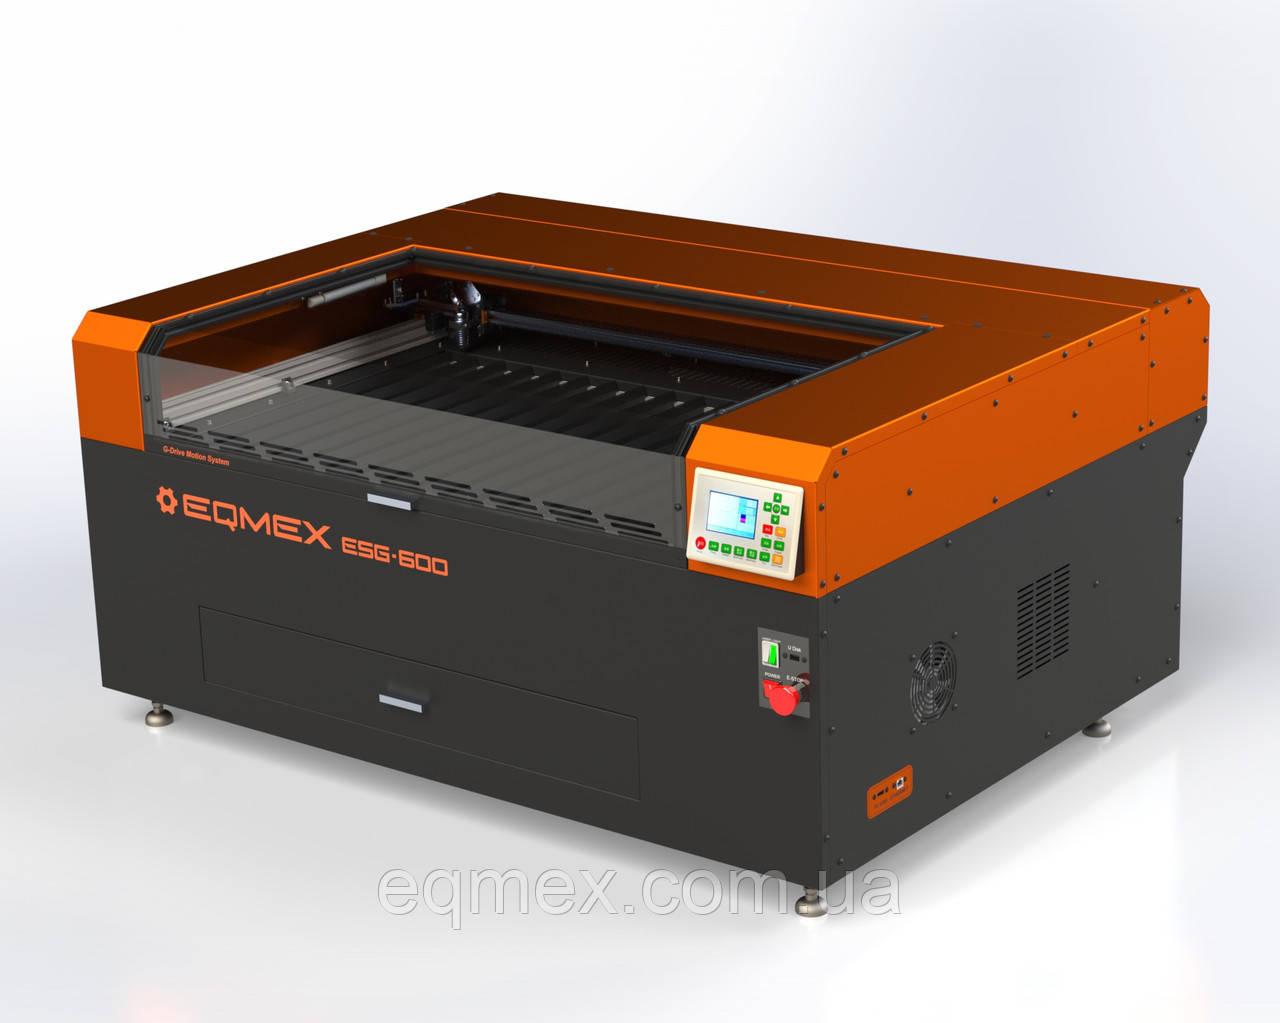 Лазерный станок для Резки и Гравировки Laser ESG-600-SE CO2 - 75Вт (4495$)